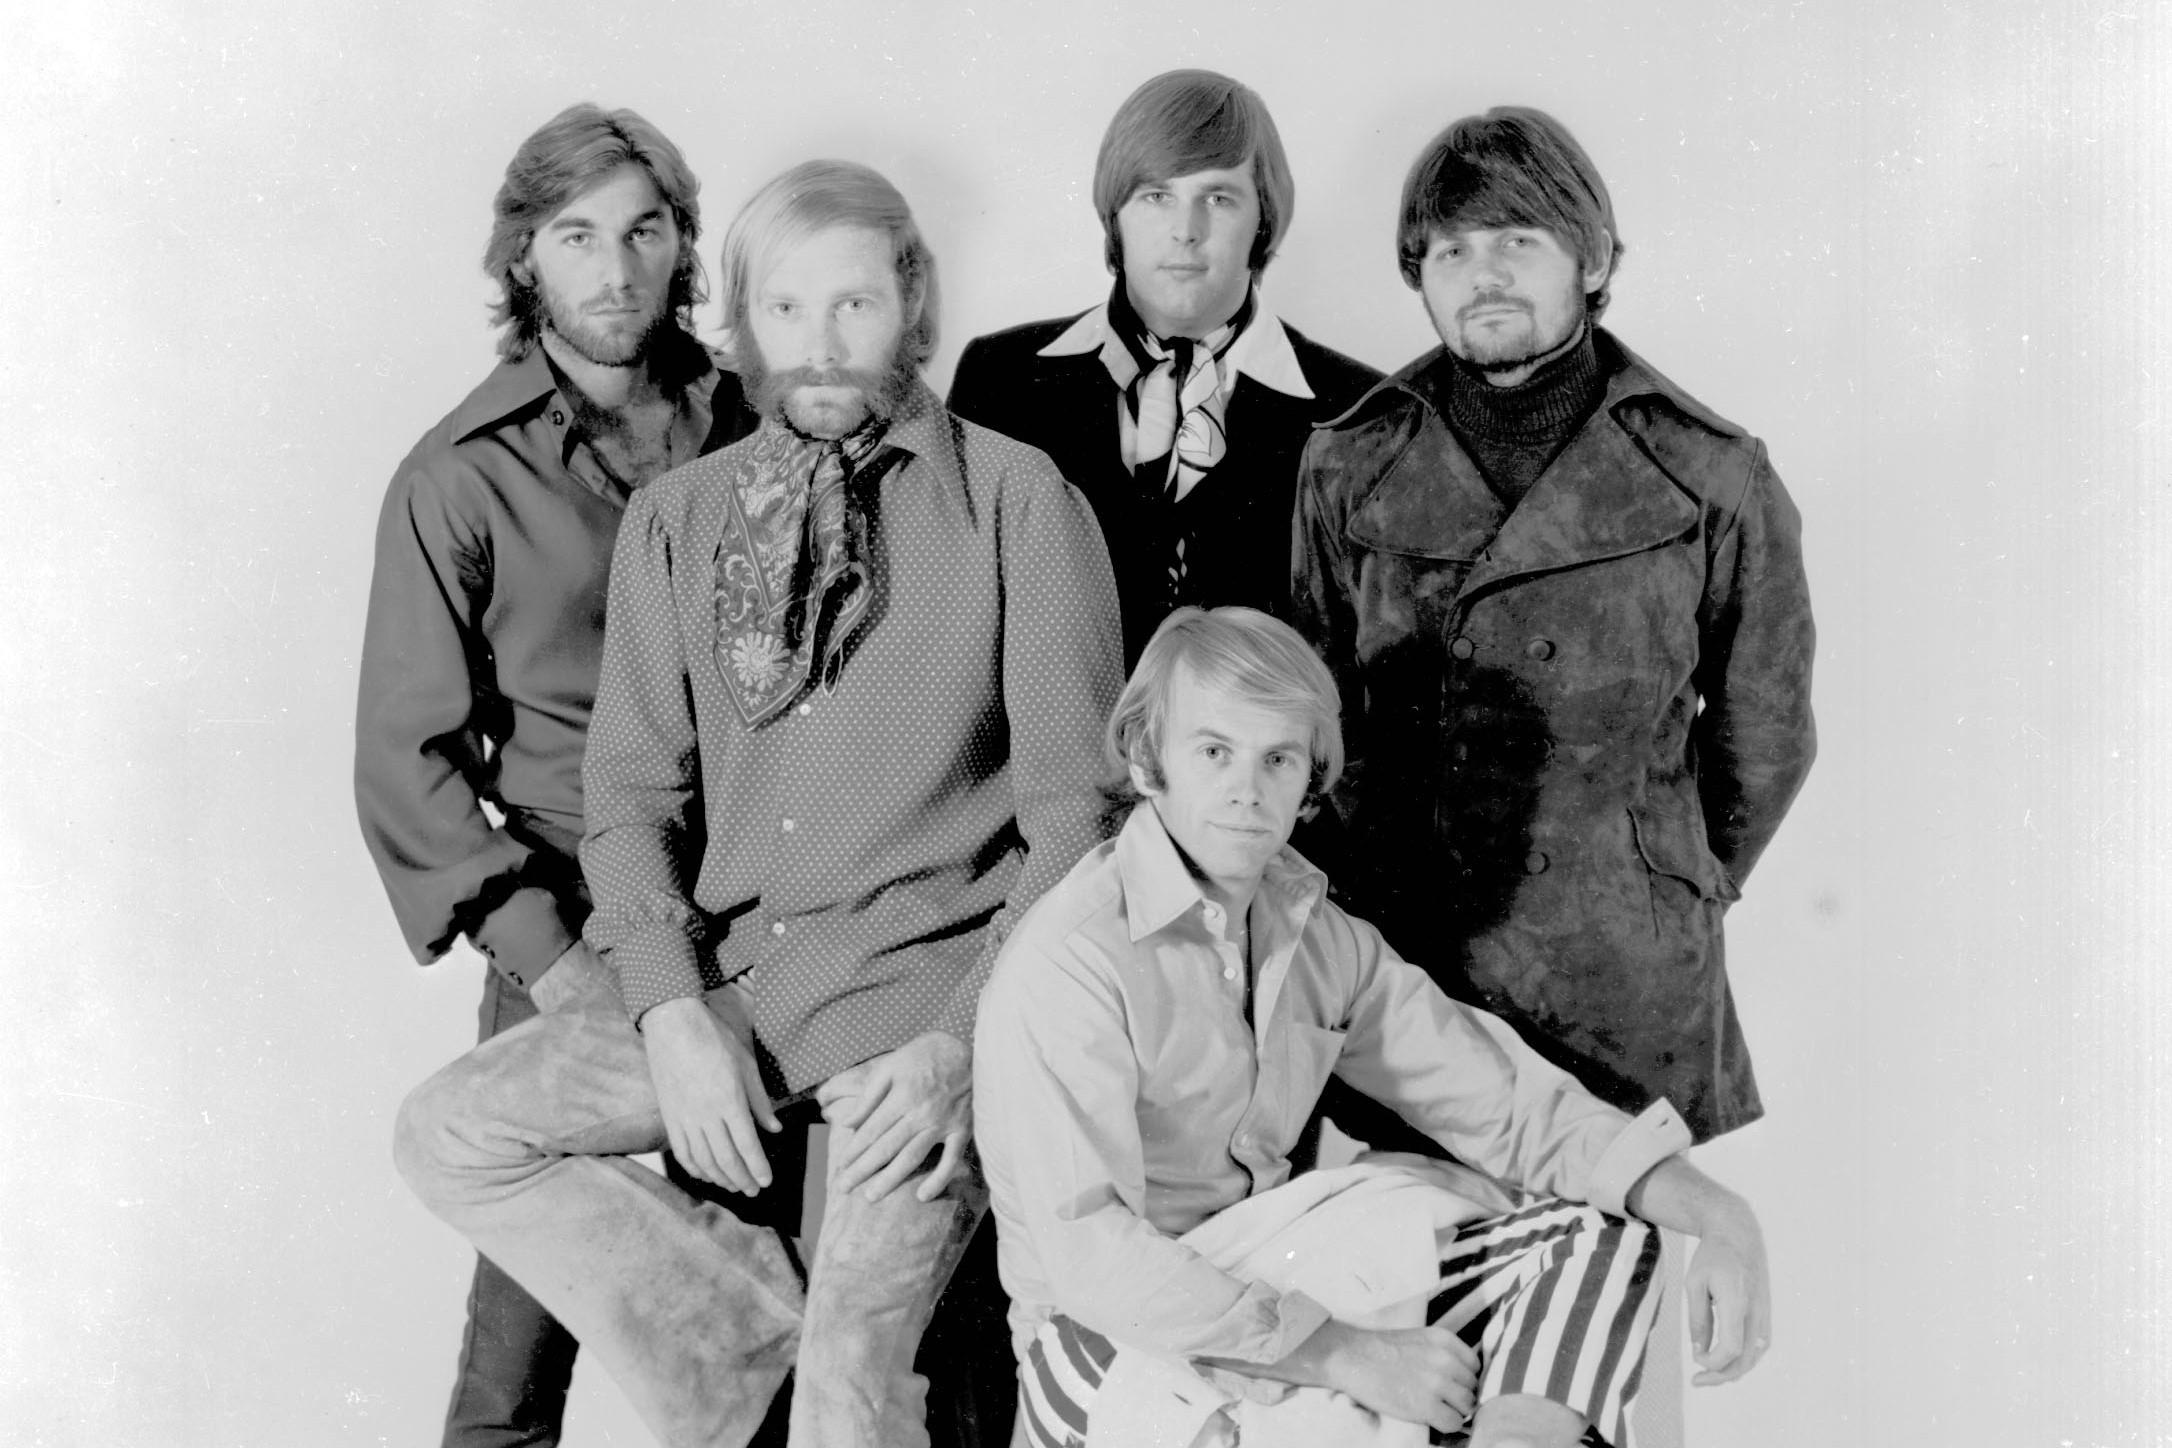 beach-boys-and-1968.jpg